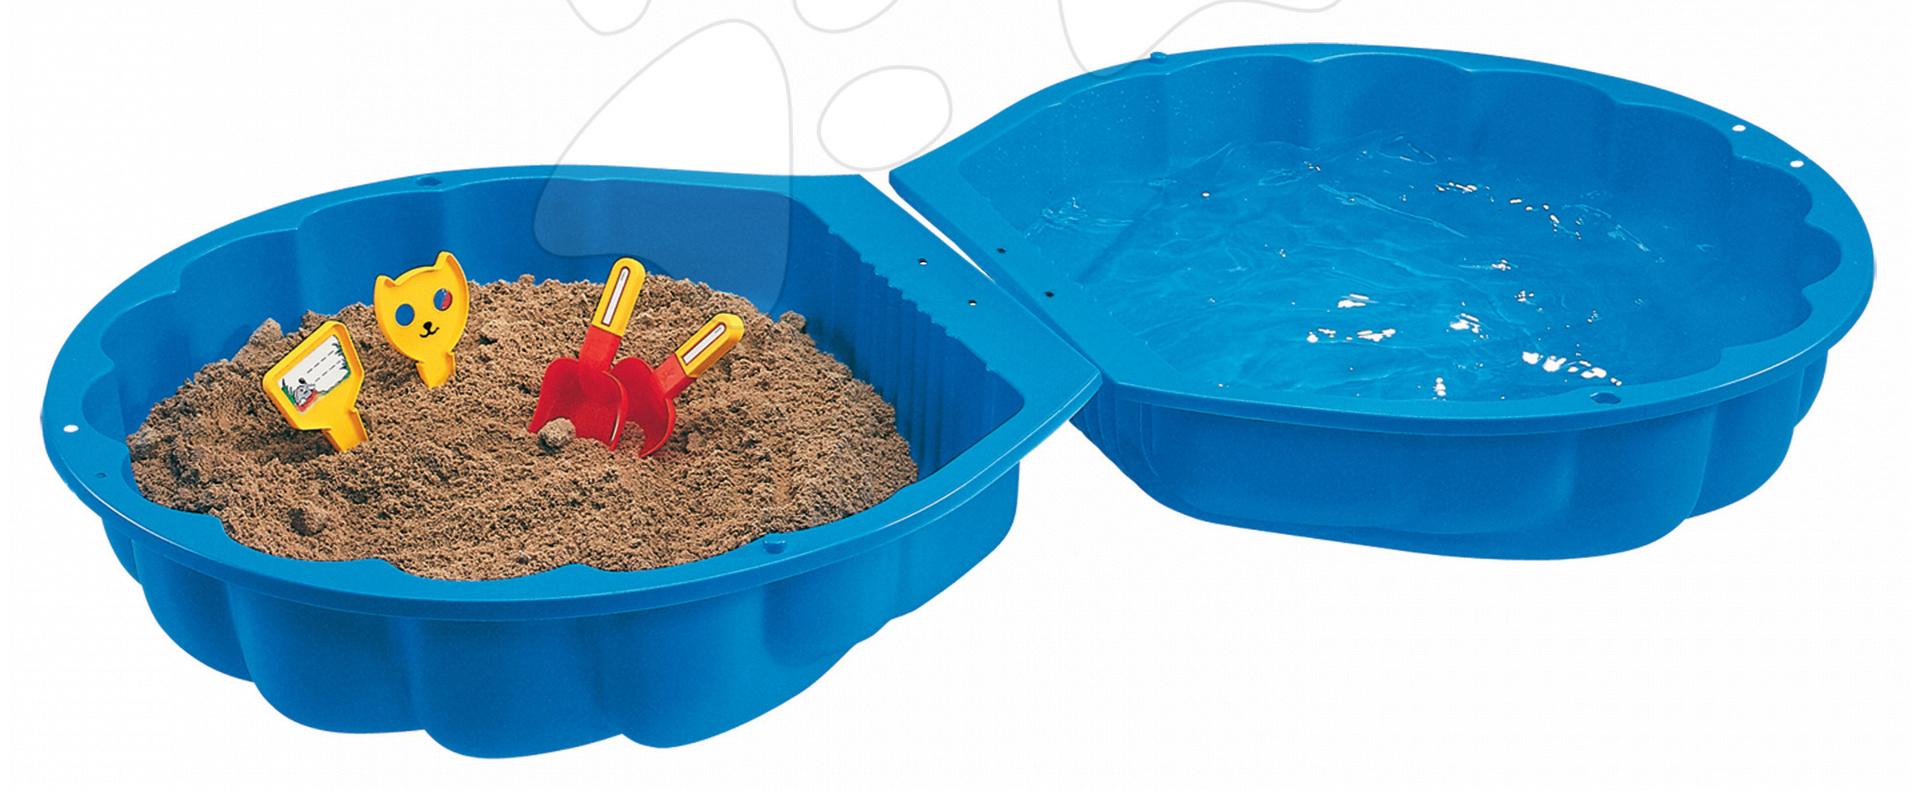 Pieskovisko Mušľa BIG dvojdielne objem 2*100 litrov 88*88 cm modré od 18 mes